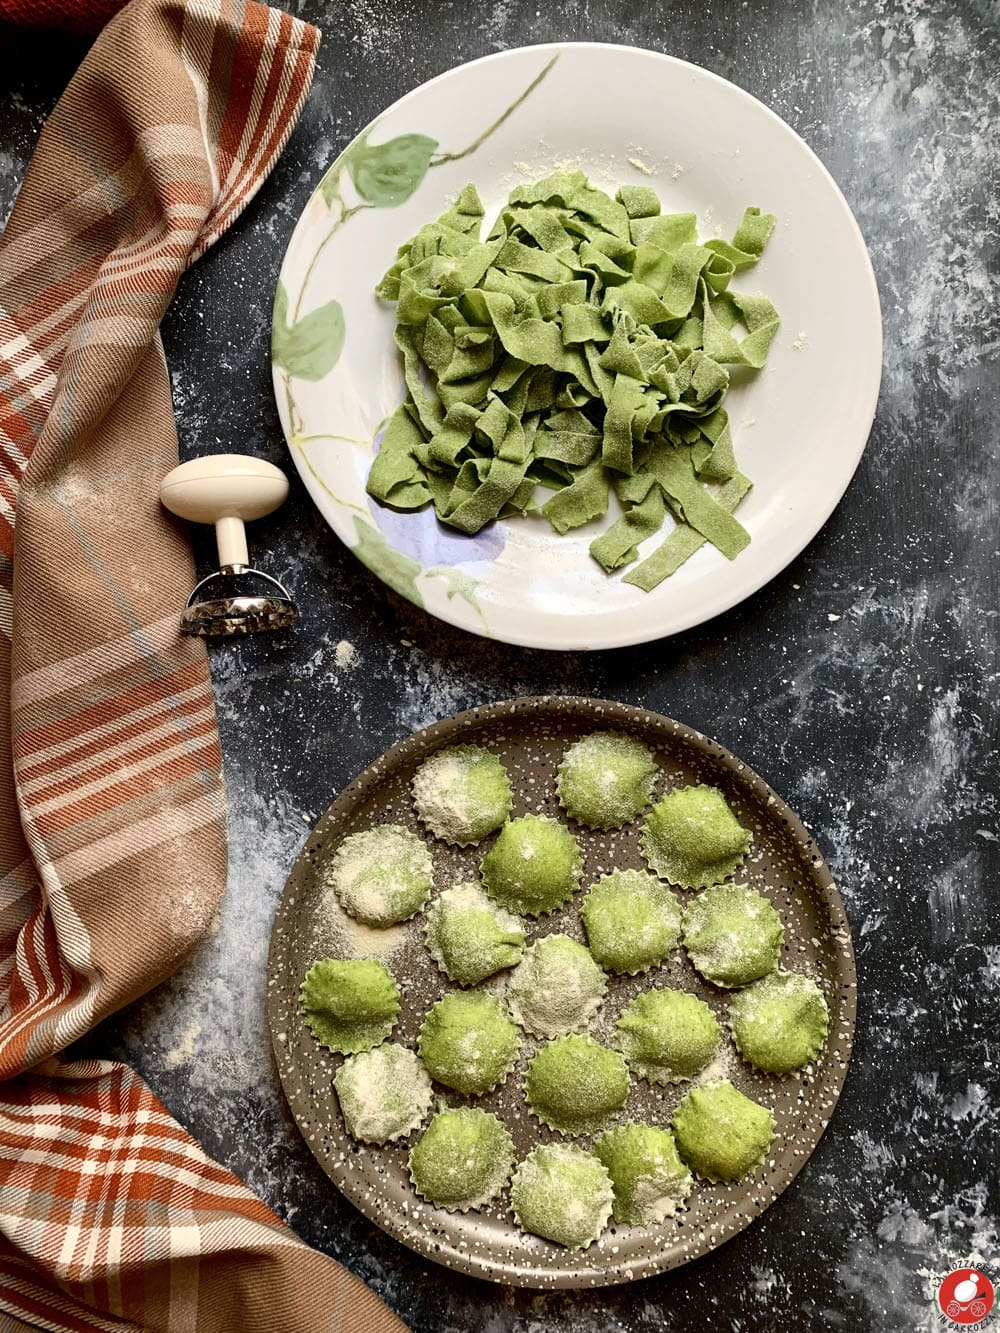 La Mozzarella in Carrozza - Pasta fresca all'uovo con spinaci